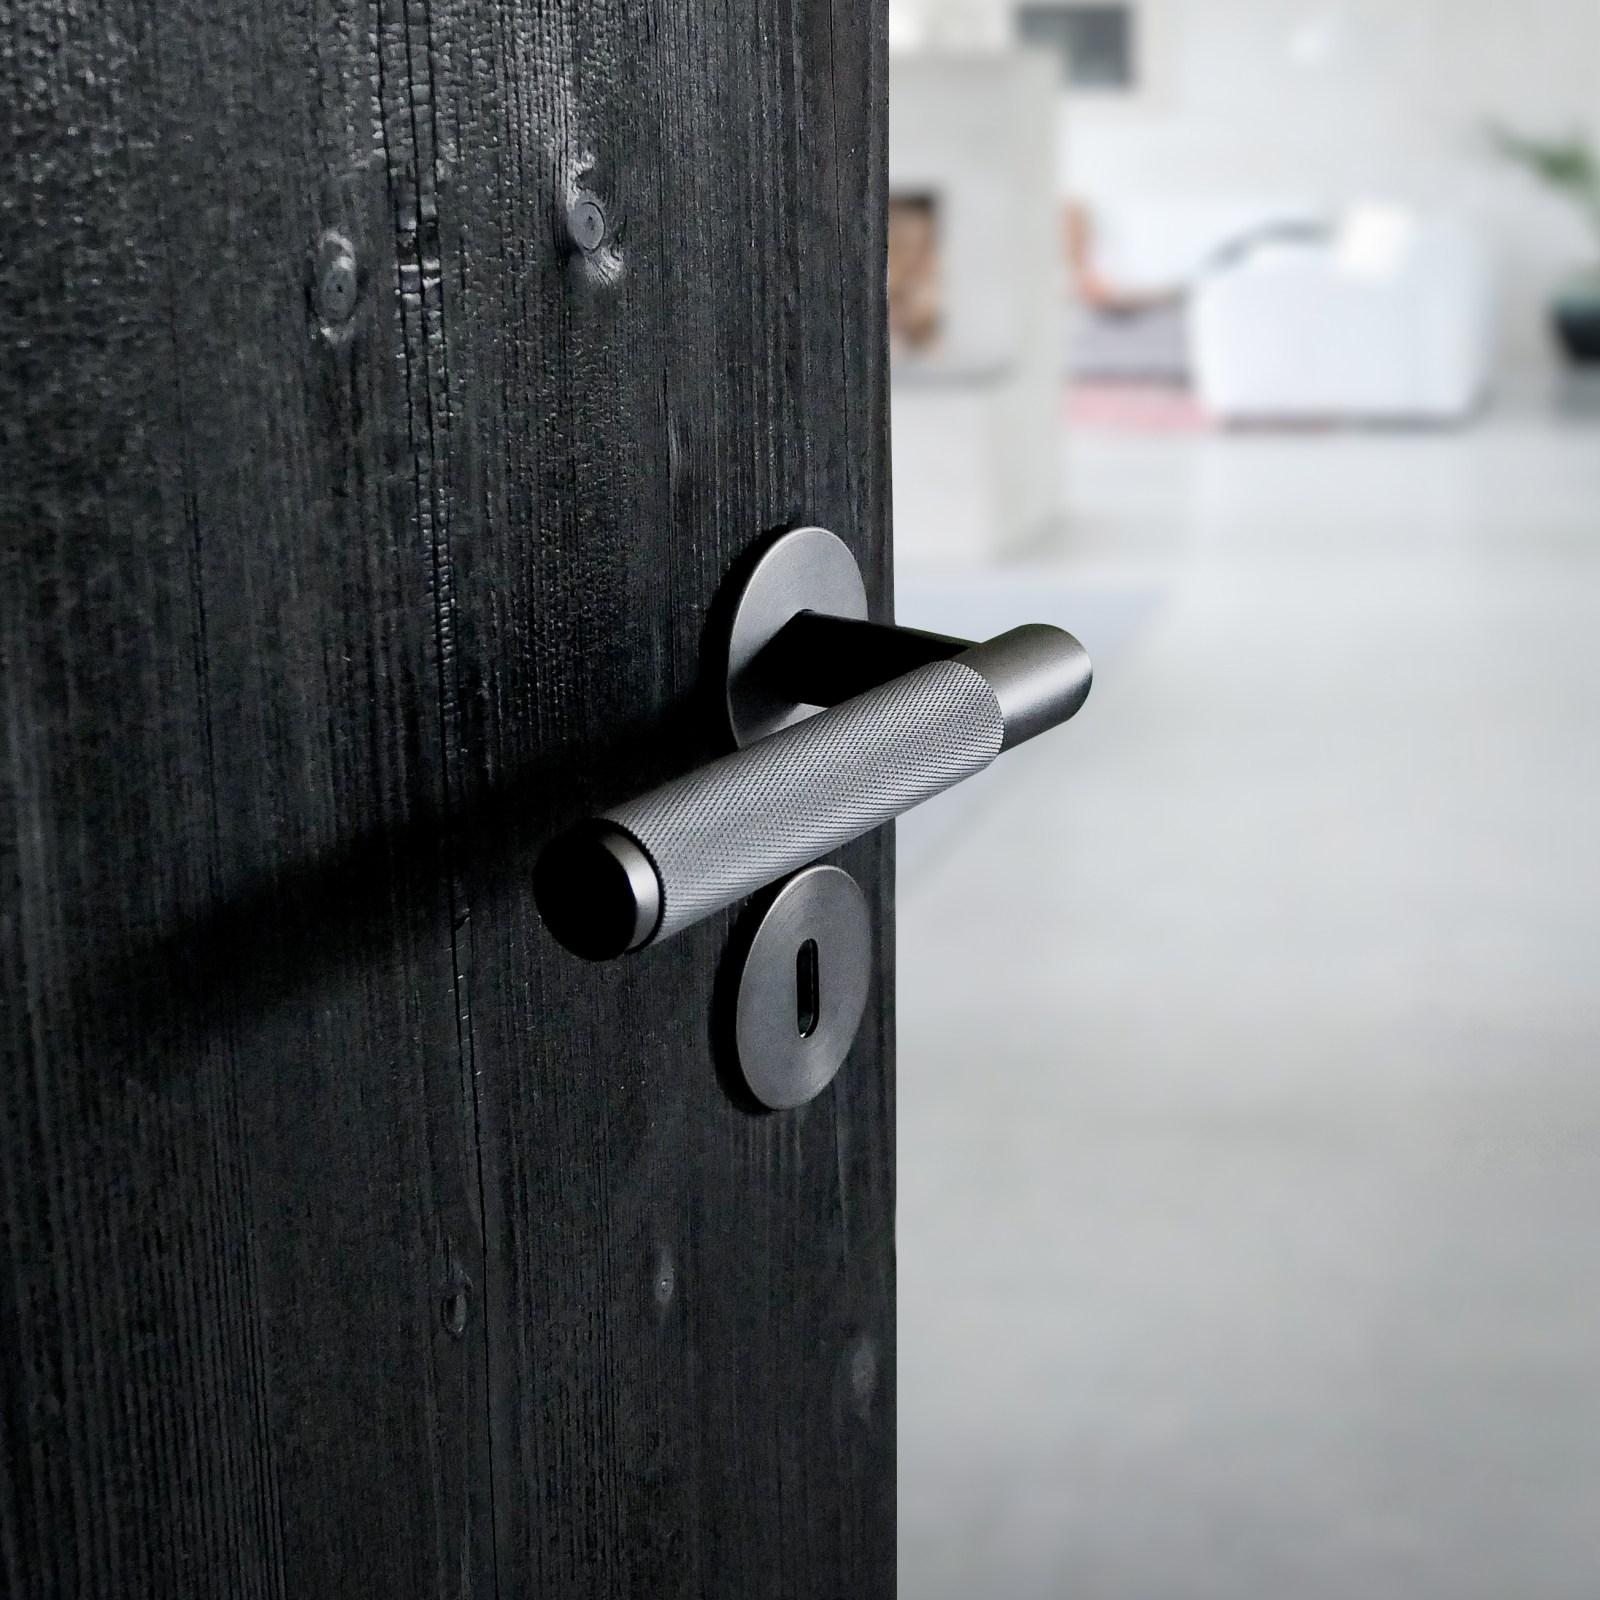 innerdörr-shou-sugi-ban-dörrhandtag-buster-punch